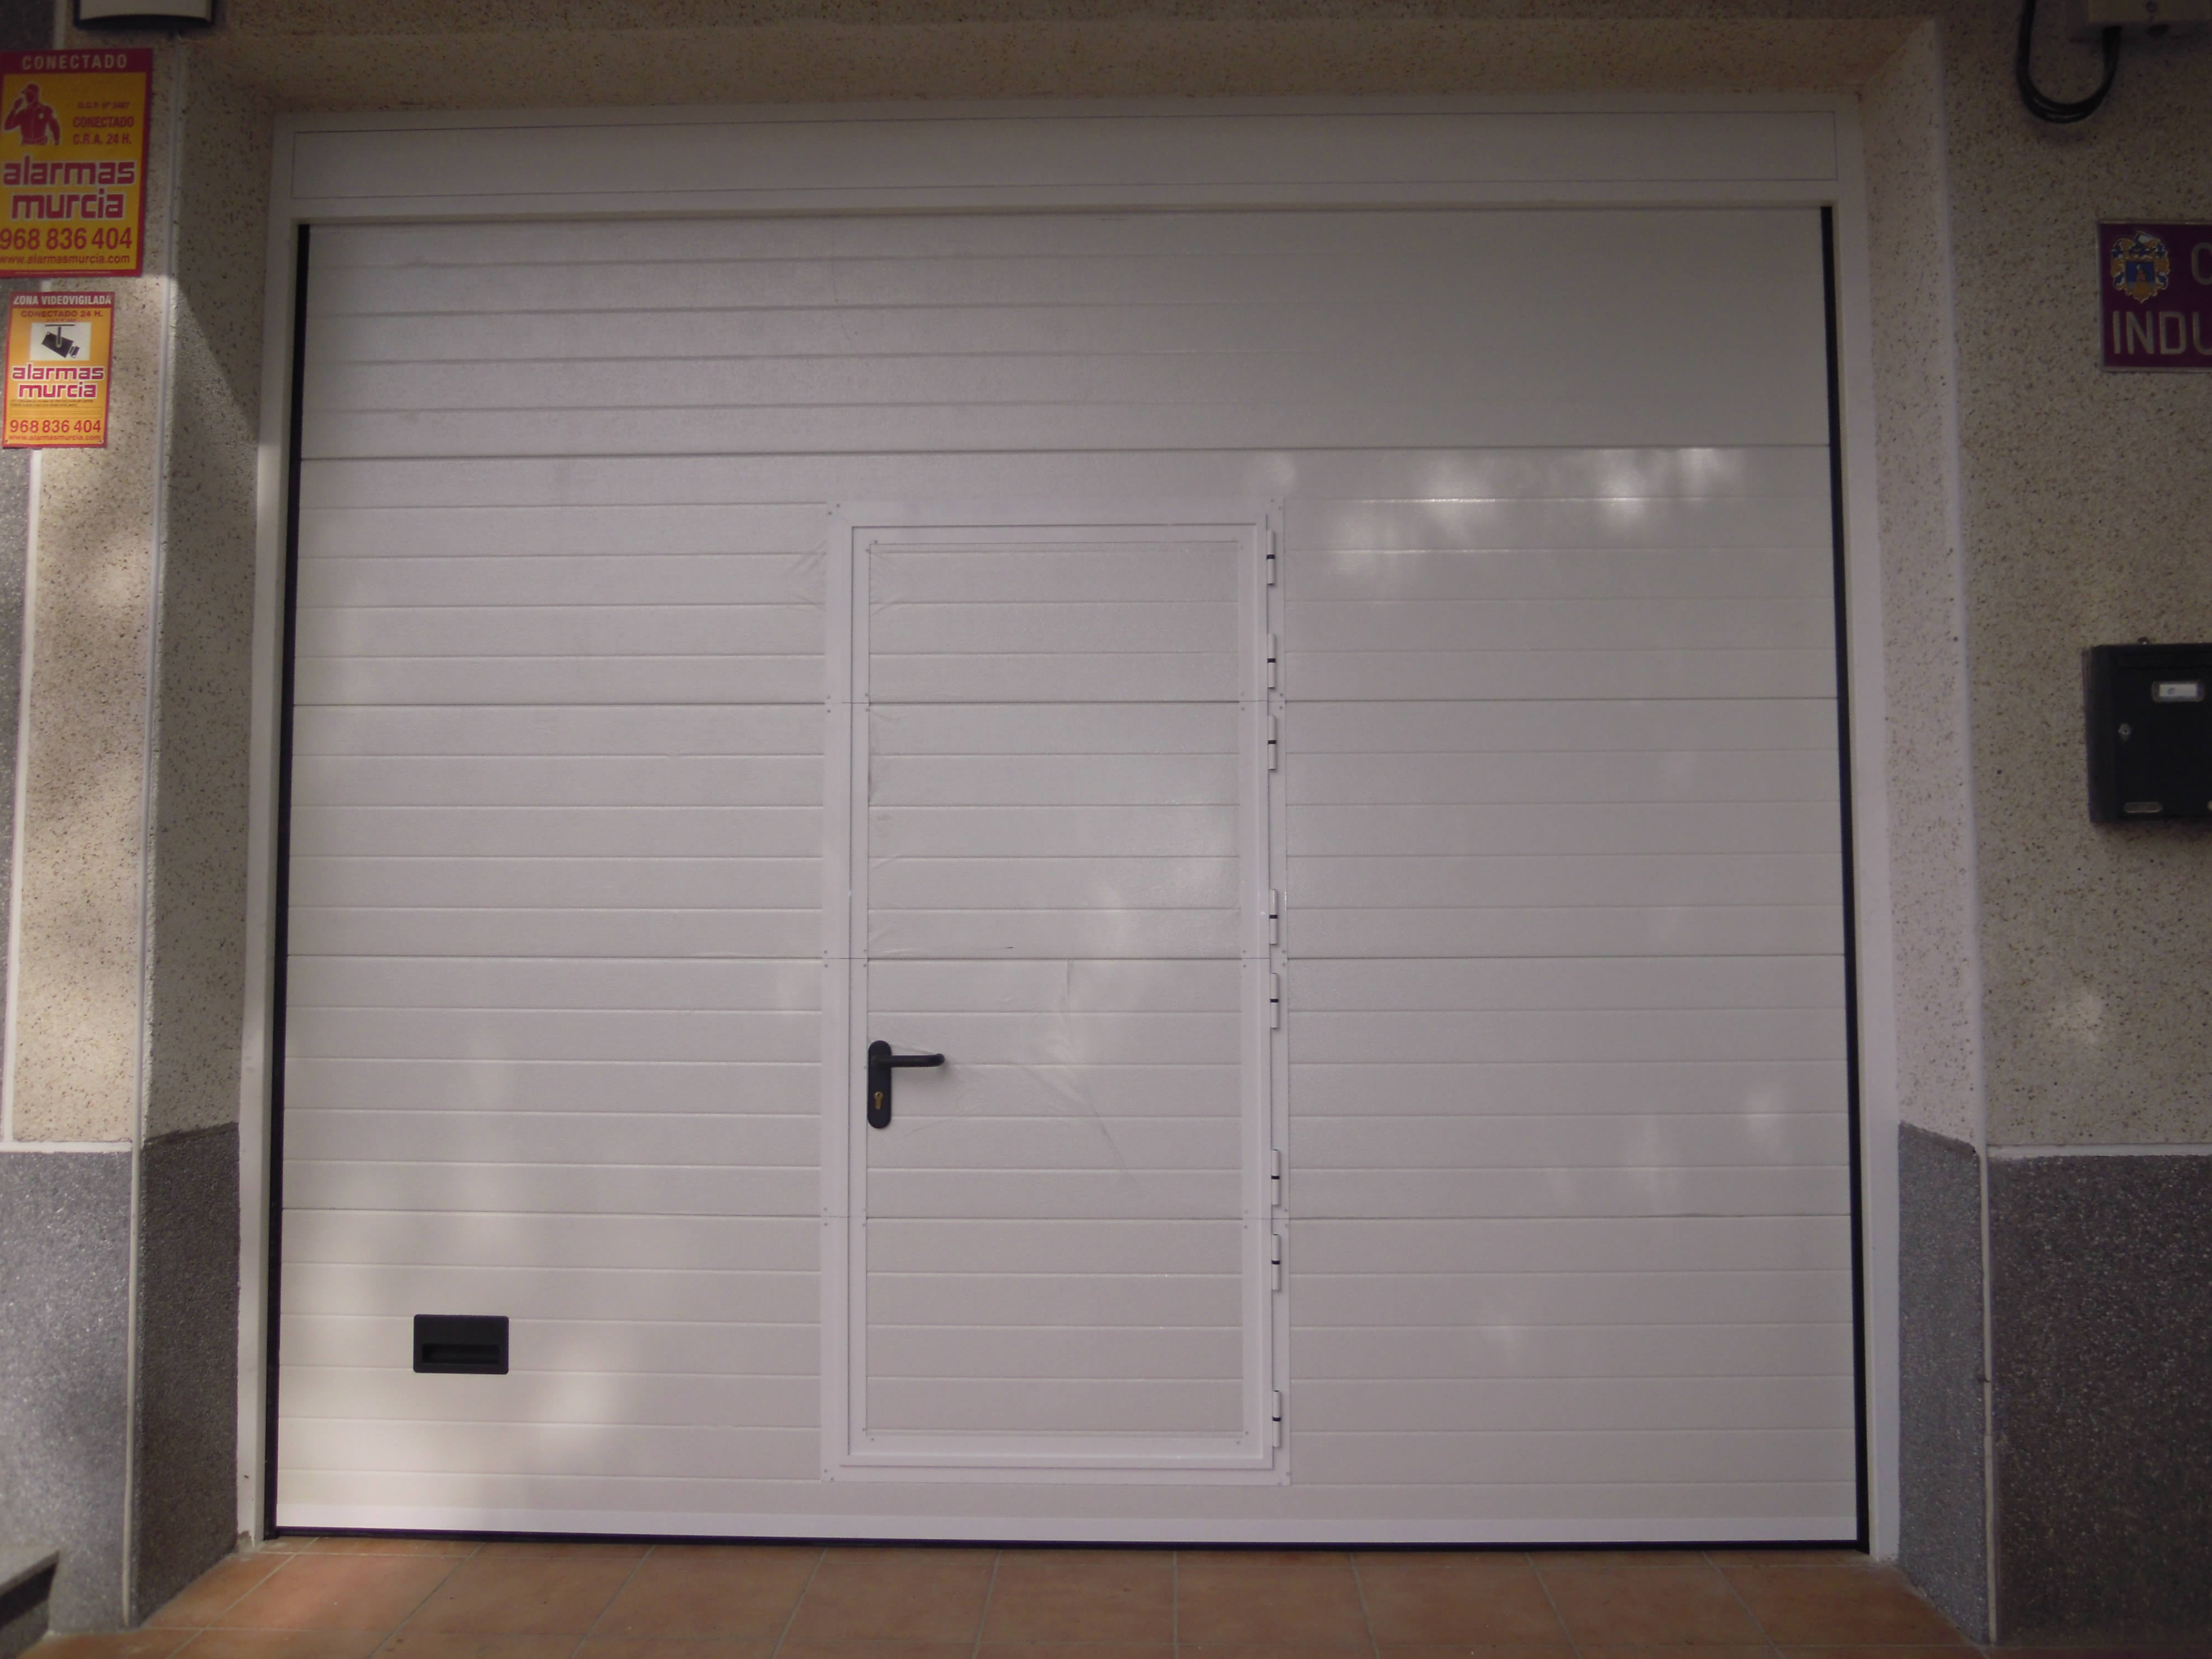 Puertas automaticas en murcia perfect puertas automaticas - Puertas automaticas en murcia ...